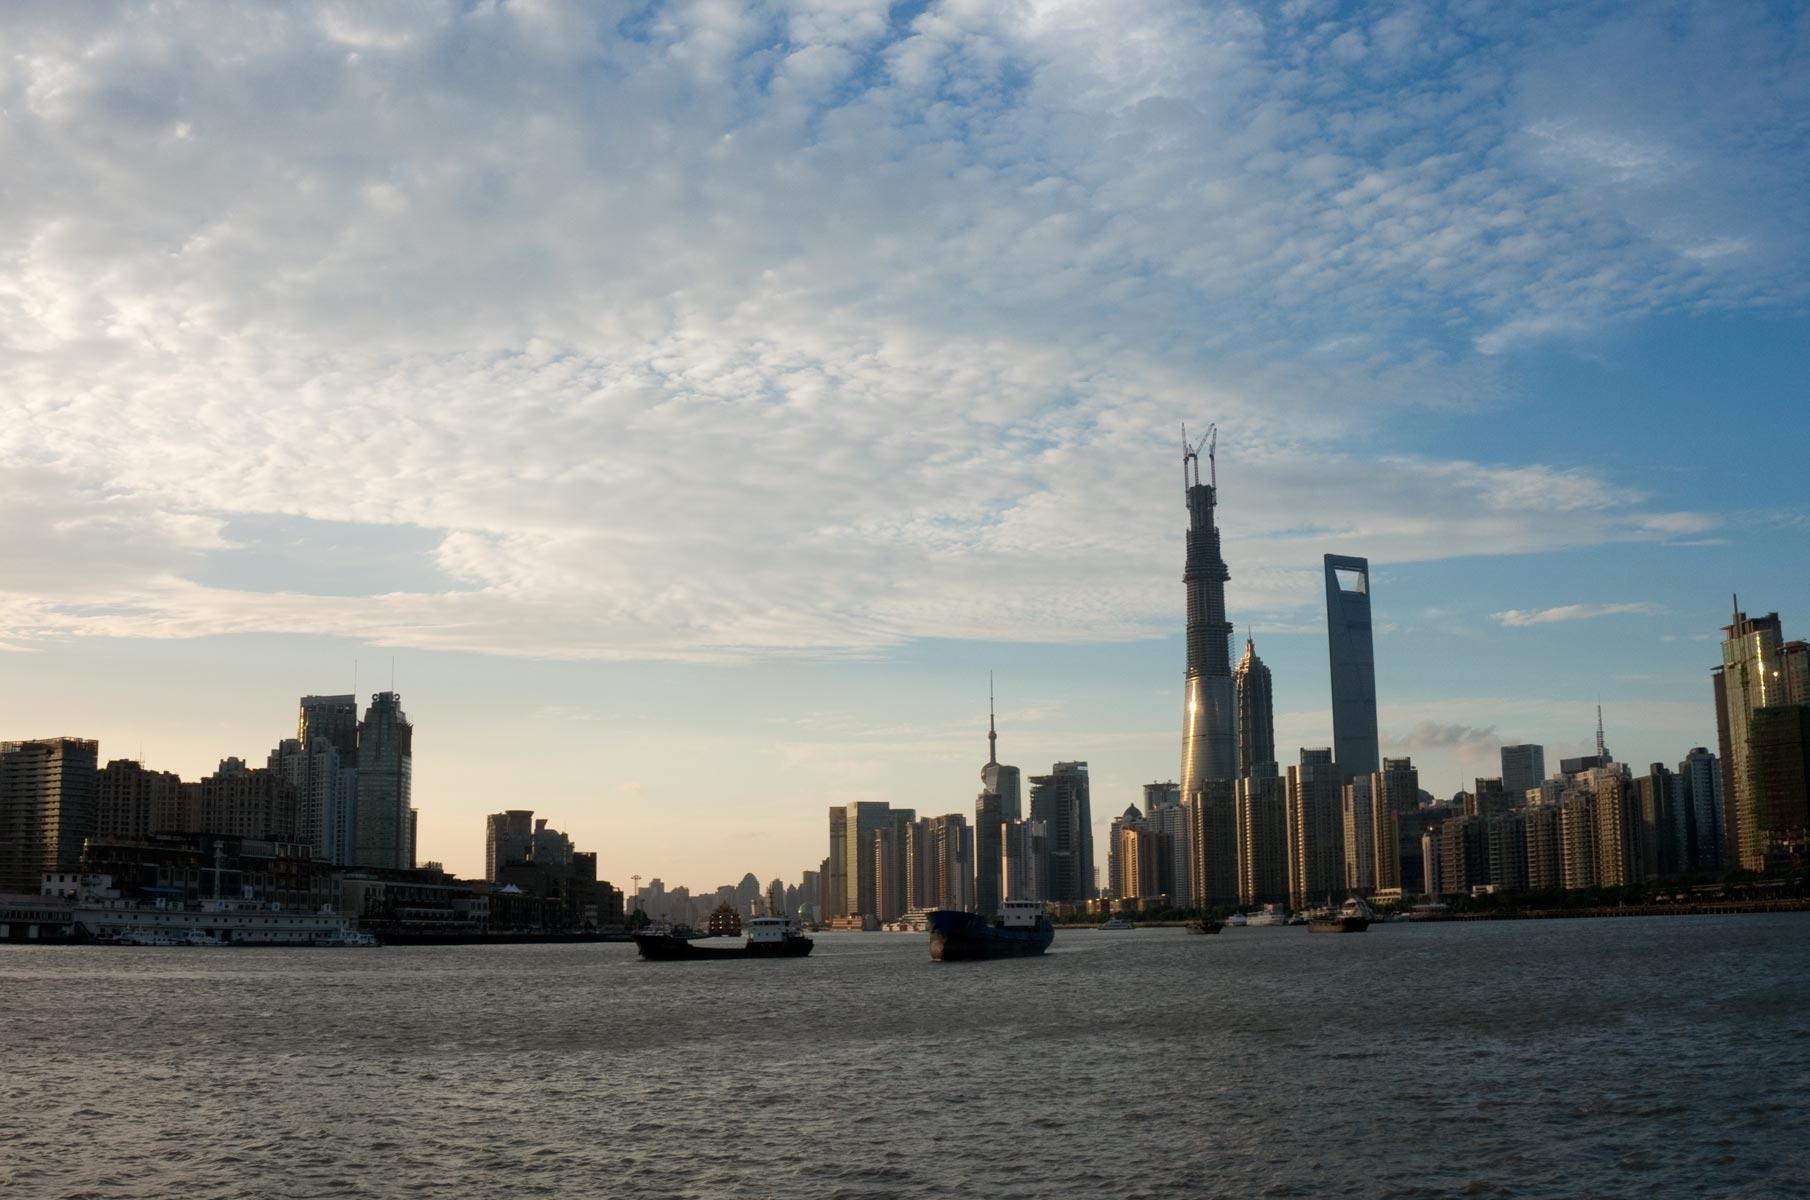 Blick auf die Skyline in Pudong vom Wasser in Shanghai, China